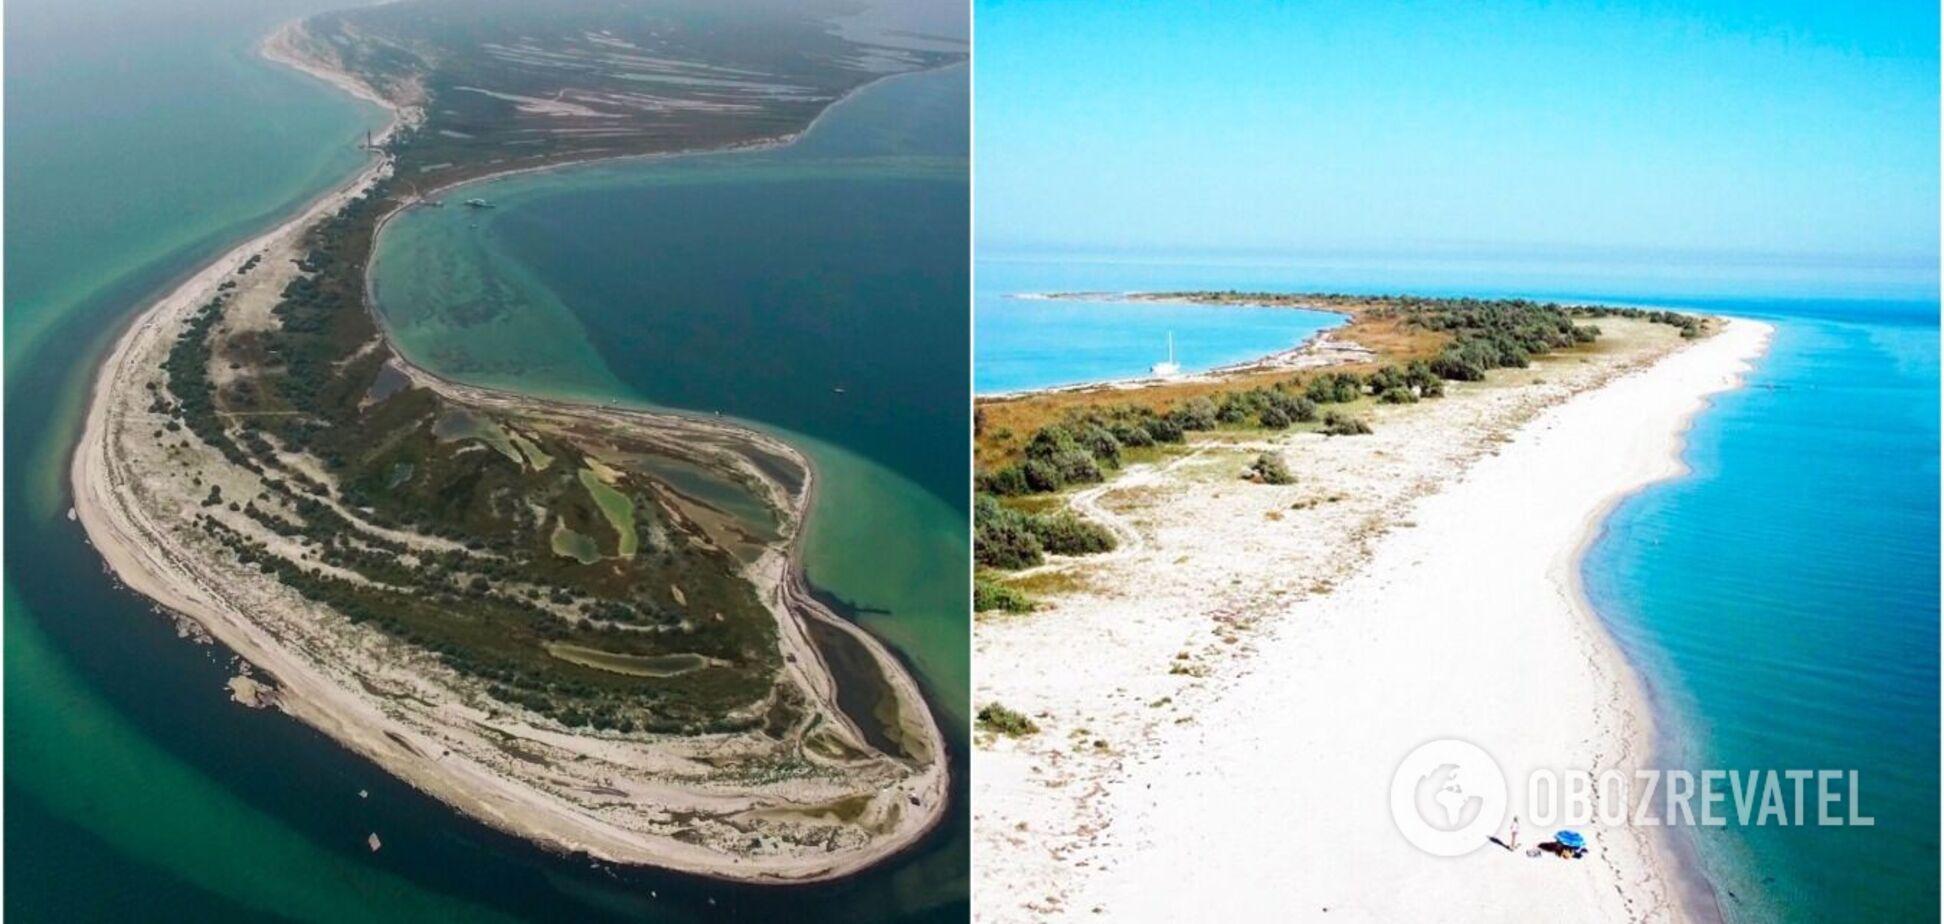 'Мальдіви', Березань, Тендра: найкращі пляжі-острови України, де варто побувати. Фото і відео